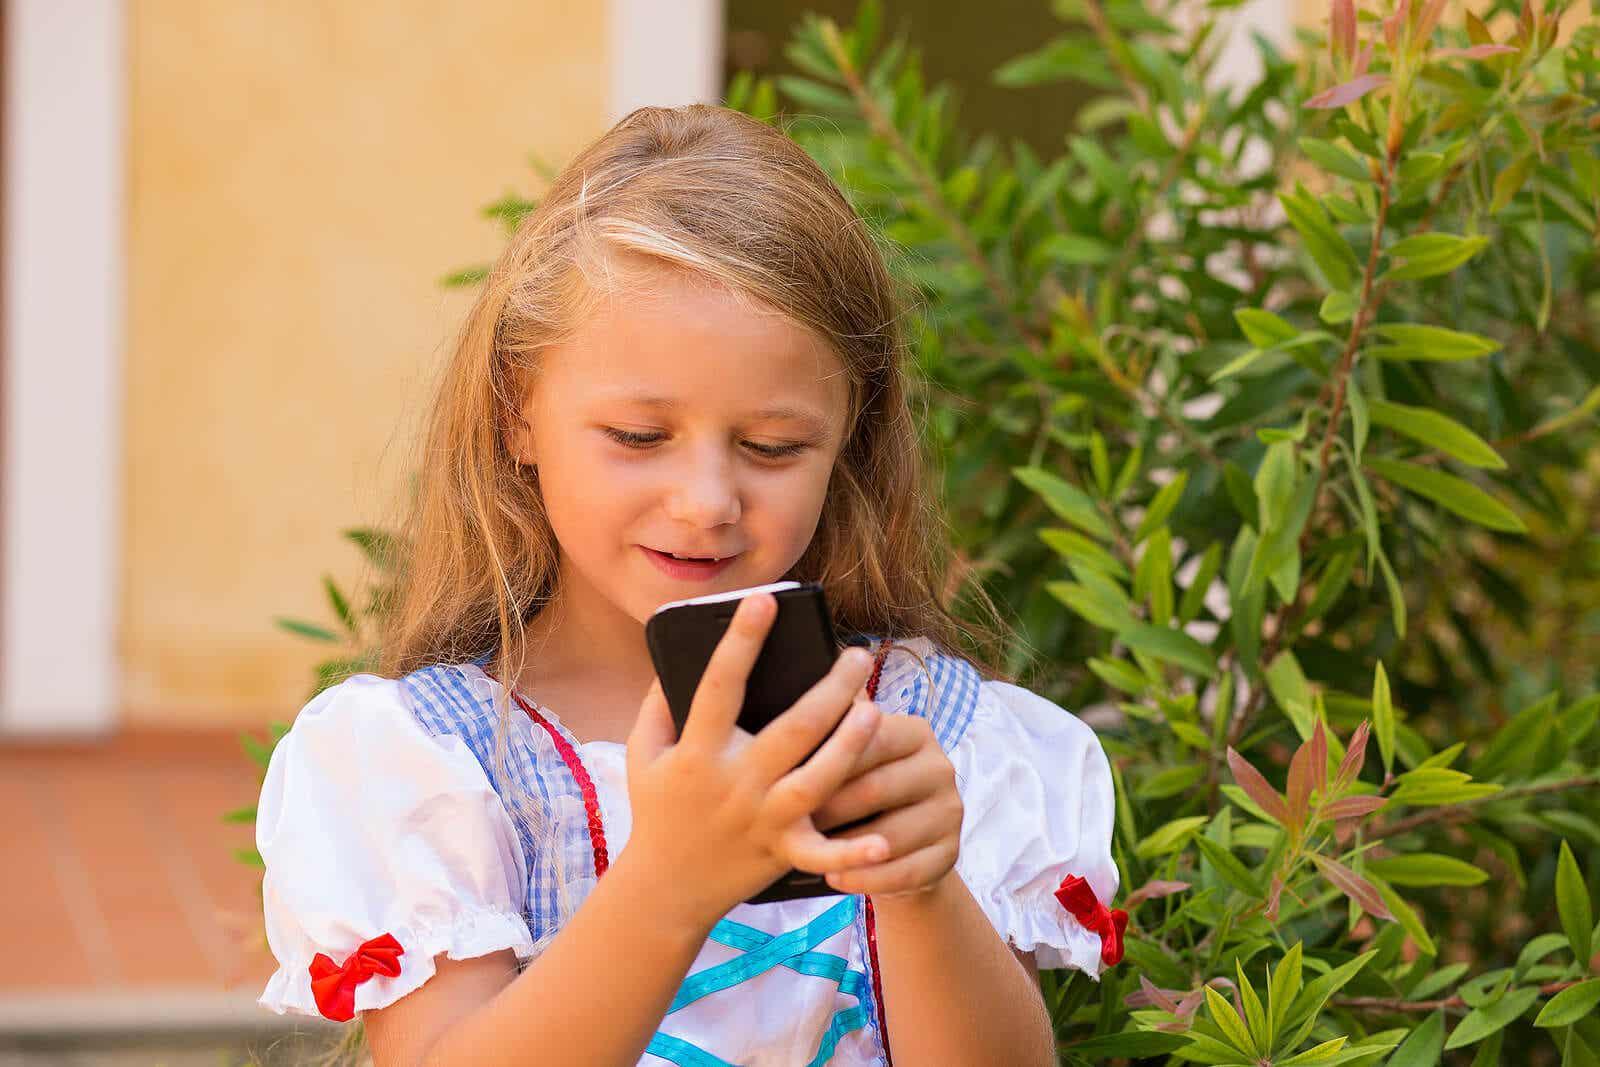 Meisje met mobiele telefoon.